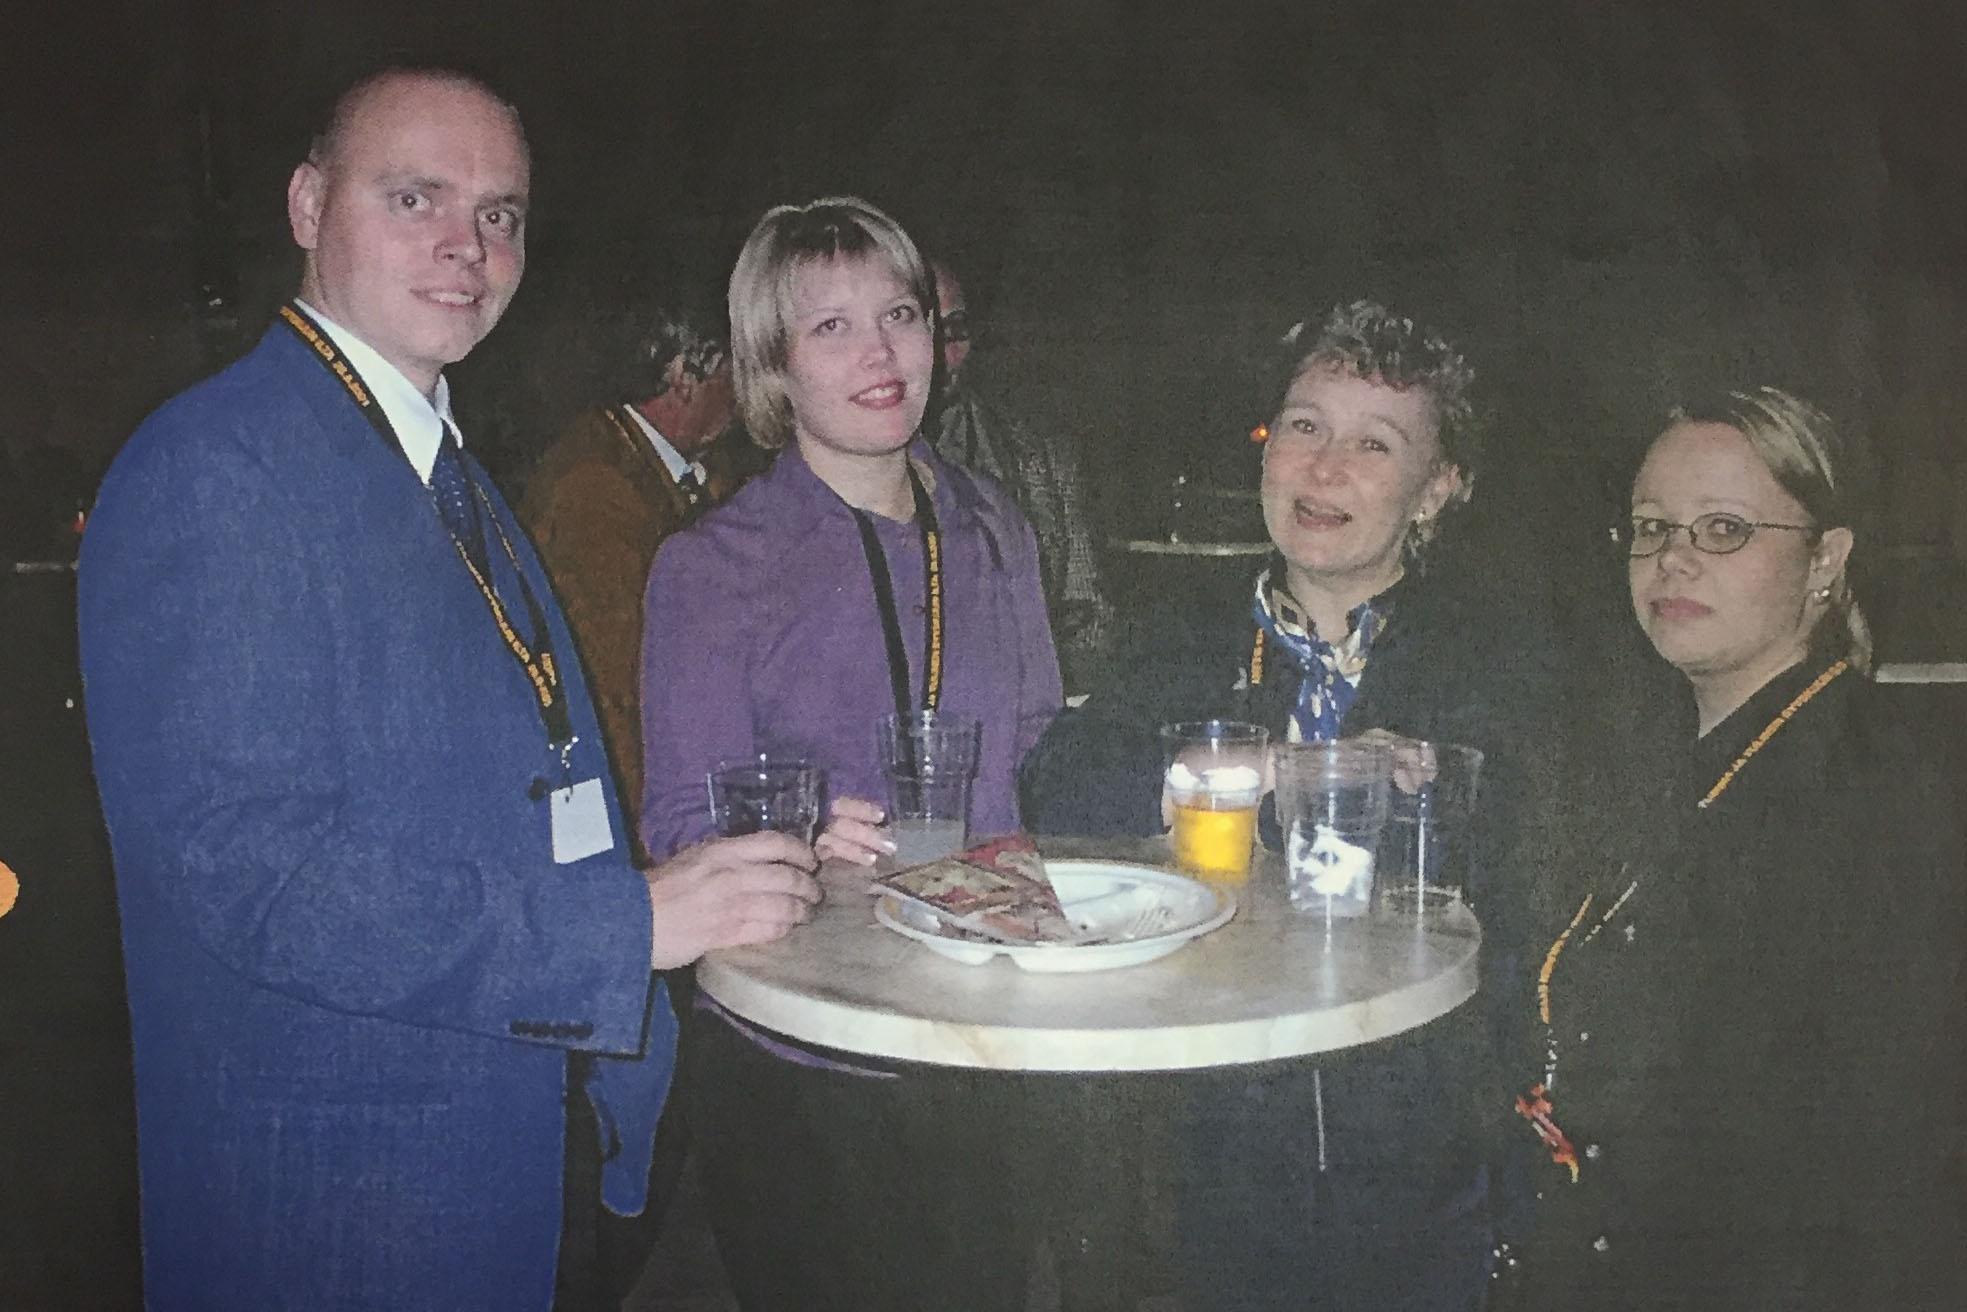 Nykyisissä tiloissamme järjestettiin vuonna 2001 terminaalijuhlat, jotka olivat samalla tupaantuliaiset. Teemana oli tumma ja tulinen syyskuun ilta.